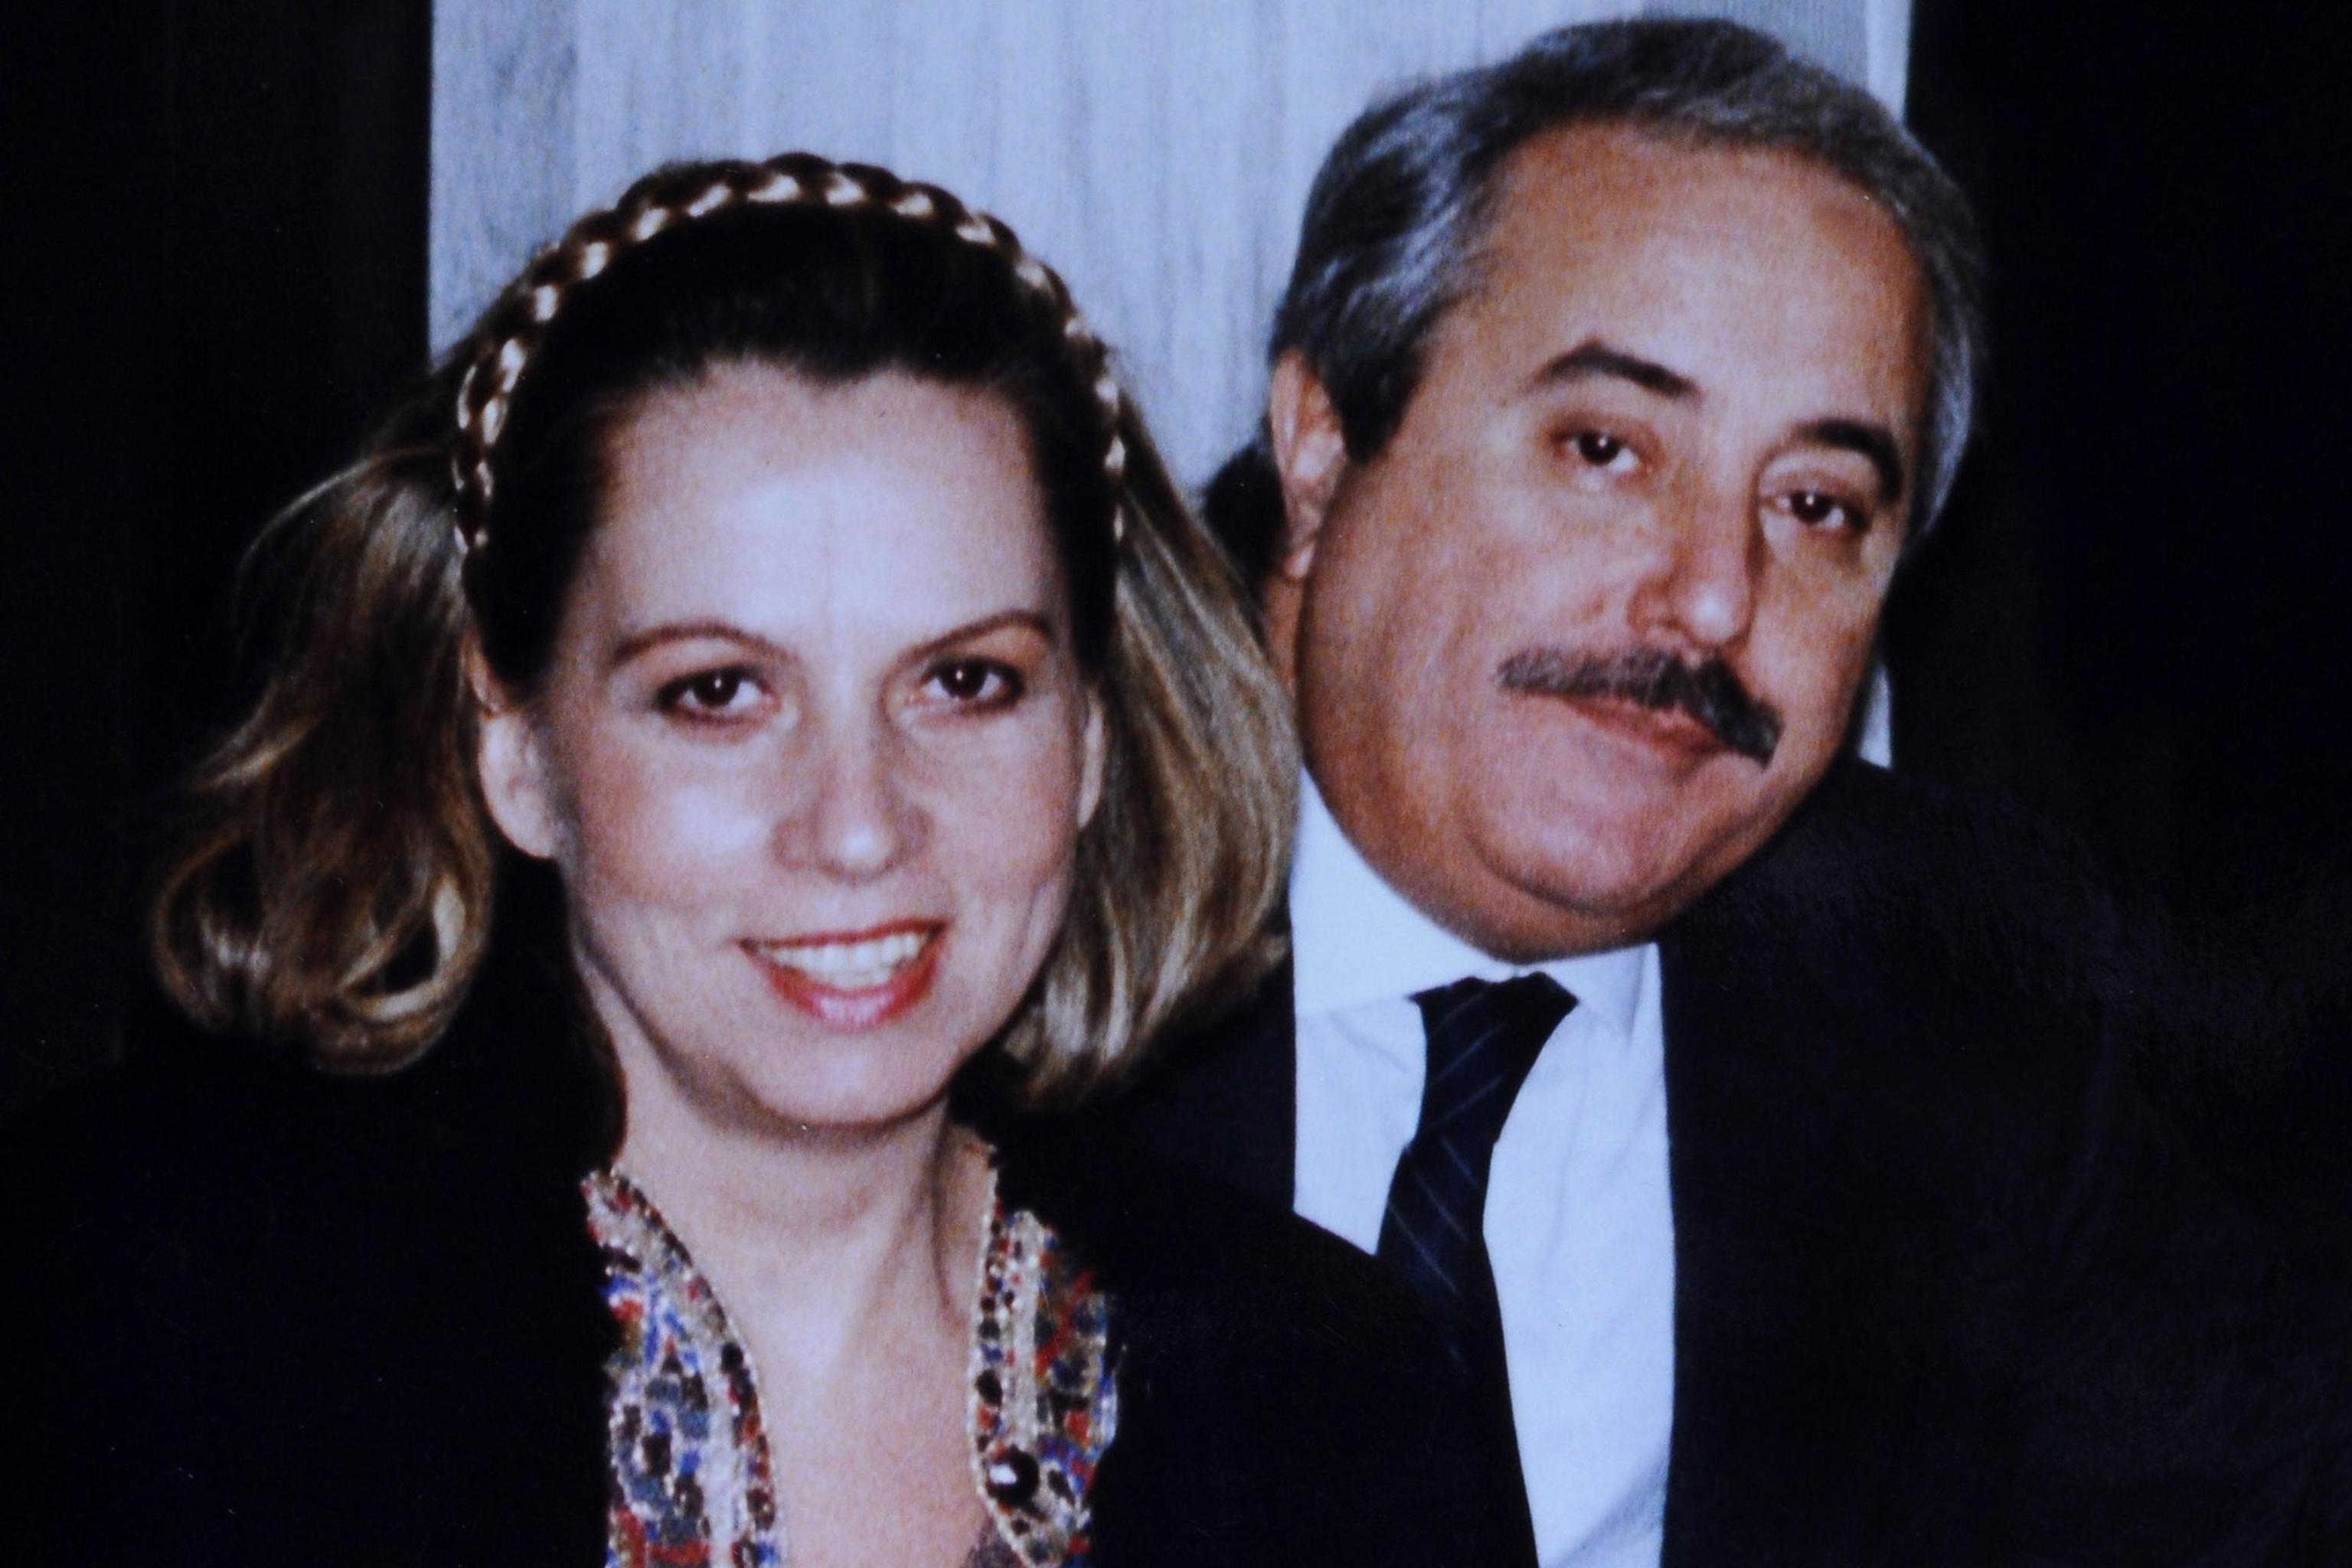 Francesca Laura Morvillo e Giovanni Falcone